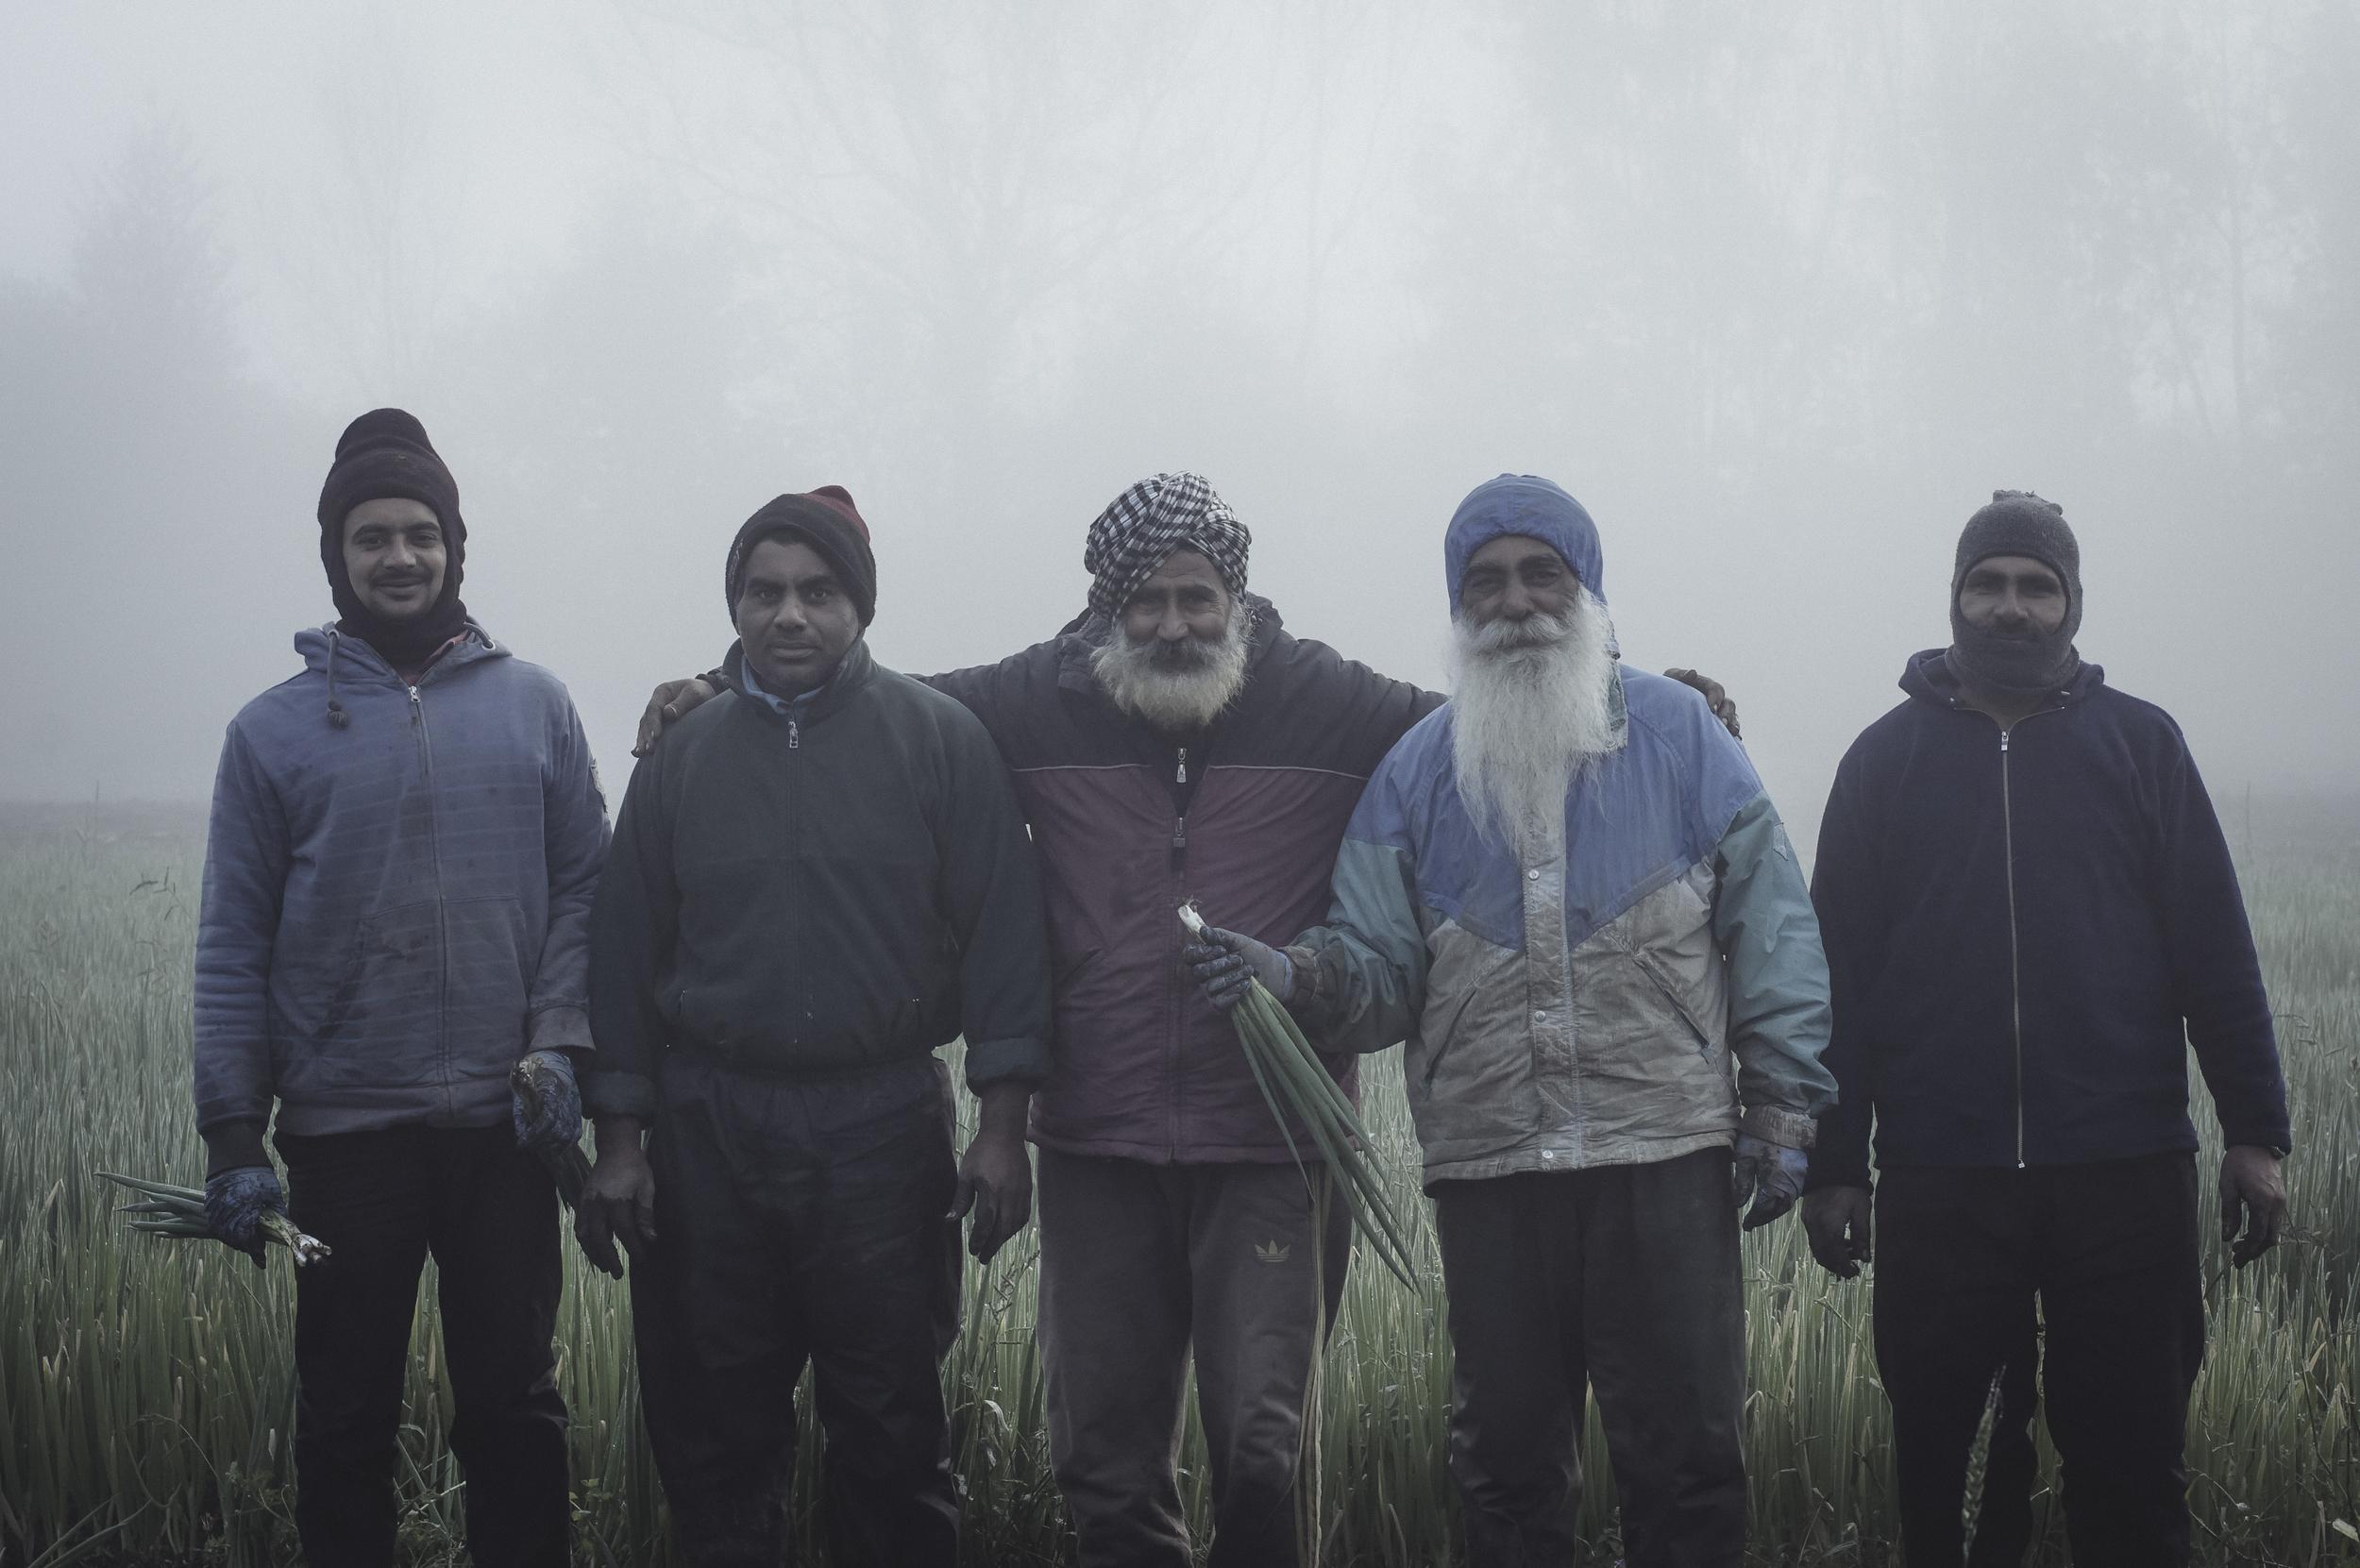 Indianworkers-18.jpg